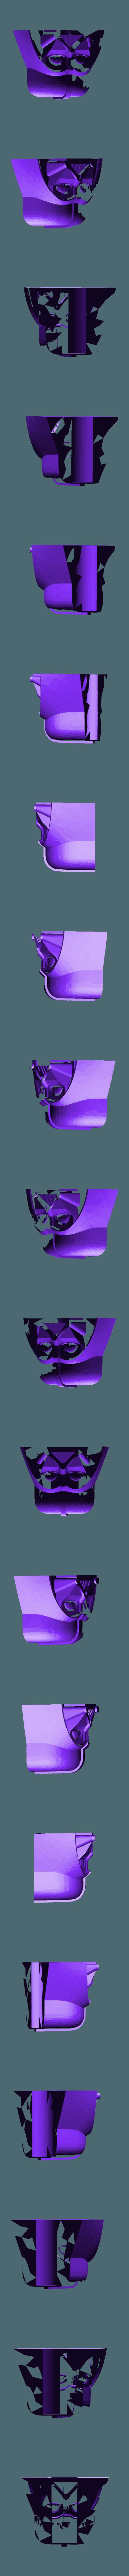 vador_tete.stl Télécharger fichier STL gratuit Dark Vador géant Porte-légo en papier toilette • Design à imprimer en 3D, laurentpruvot59